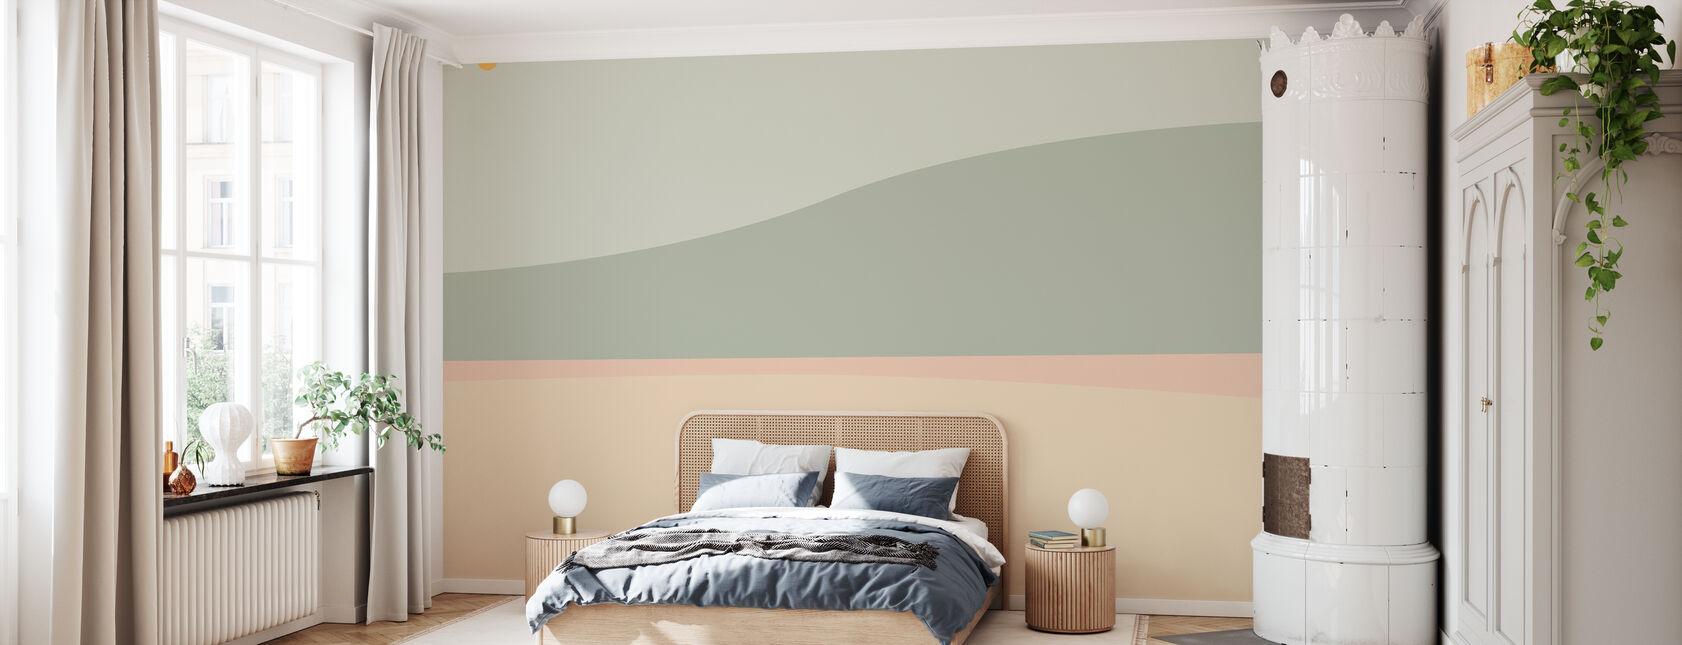 Colli - Light - Papier peint - Chambre